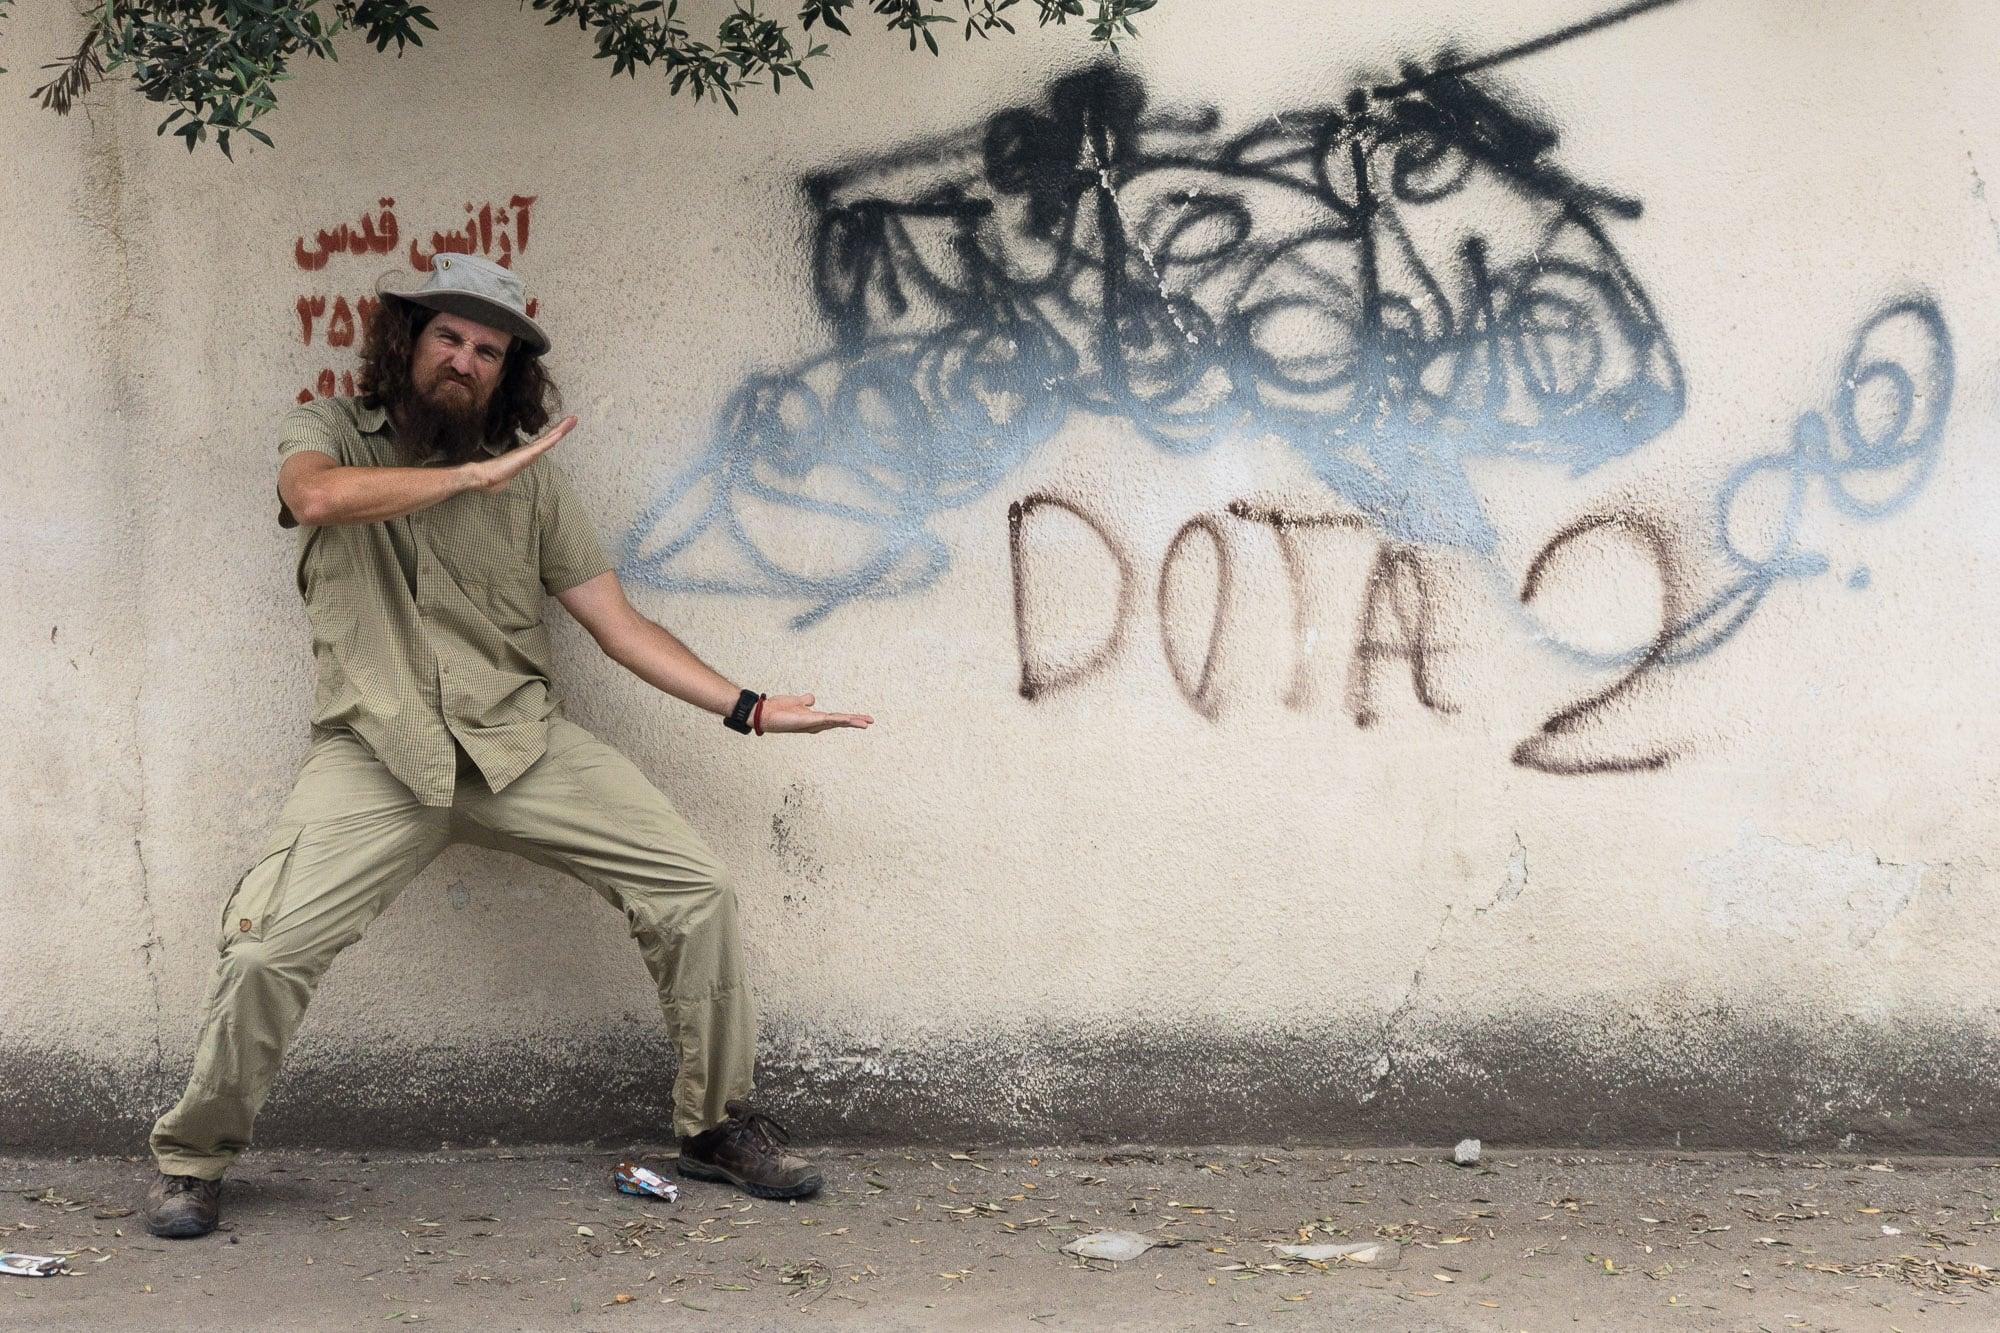 Dota 2 in Iran